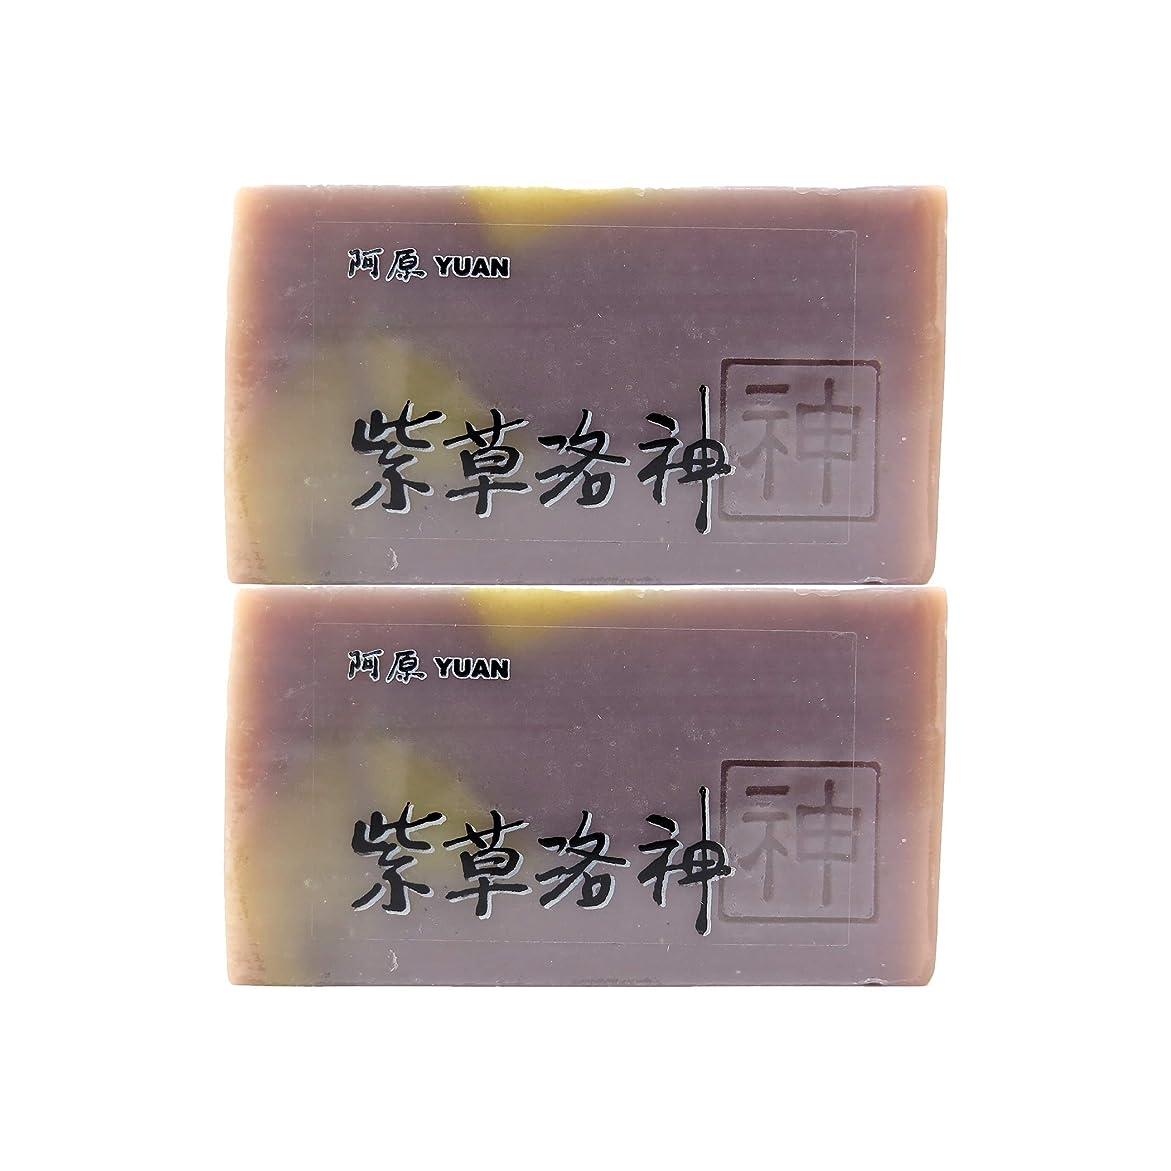 アクロバットミリメートルどれユアン(YUAN) ハイビスカスソープ 100g (2個セット)